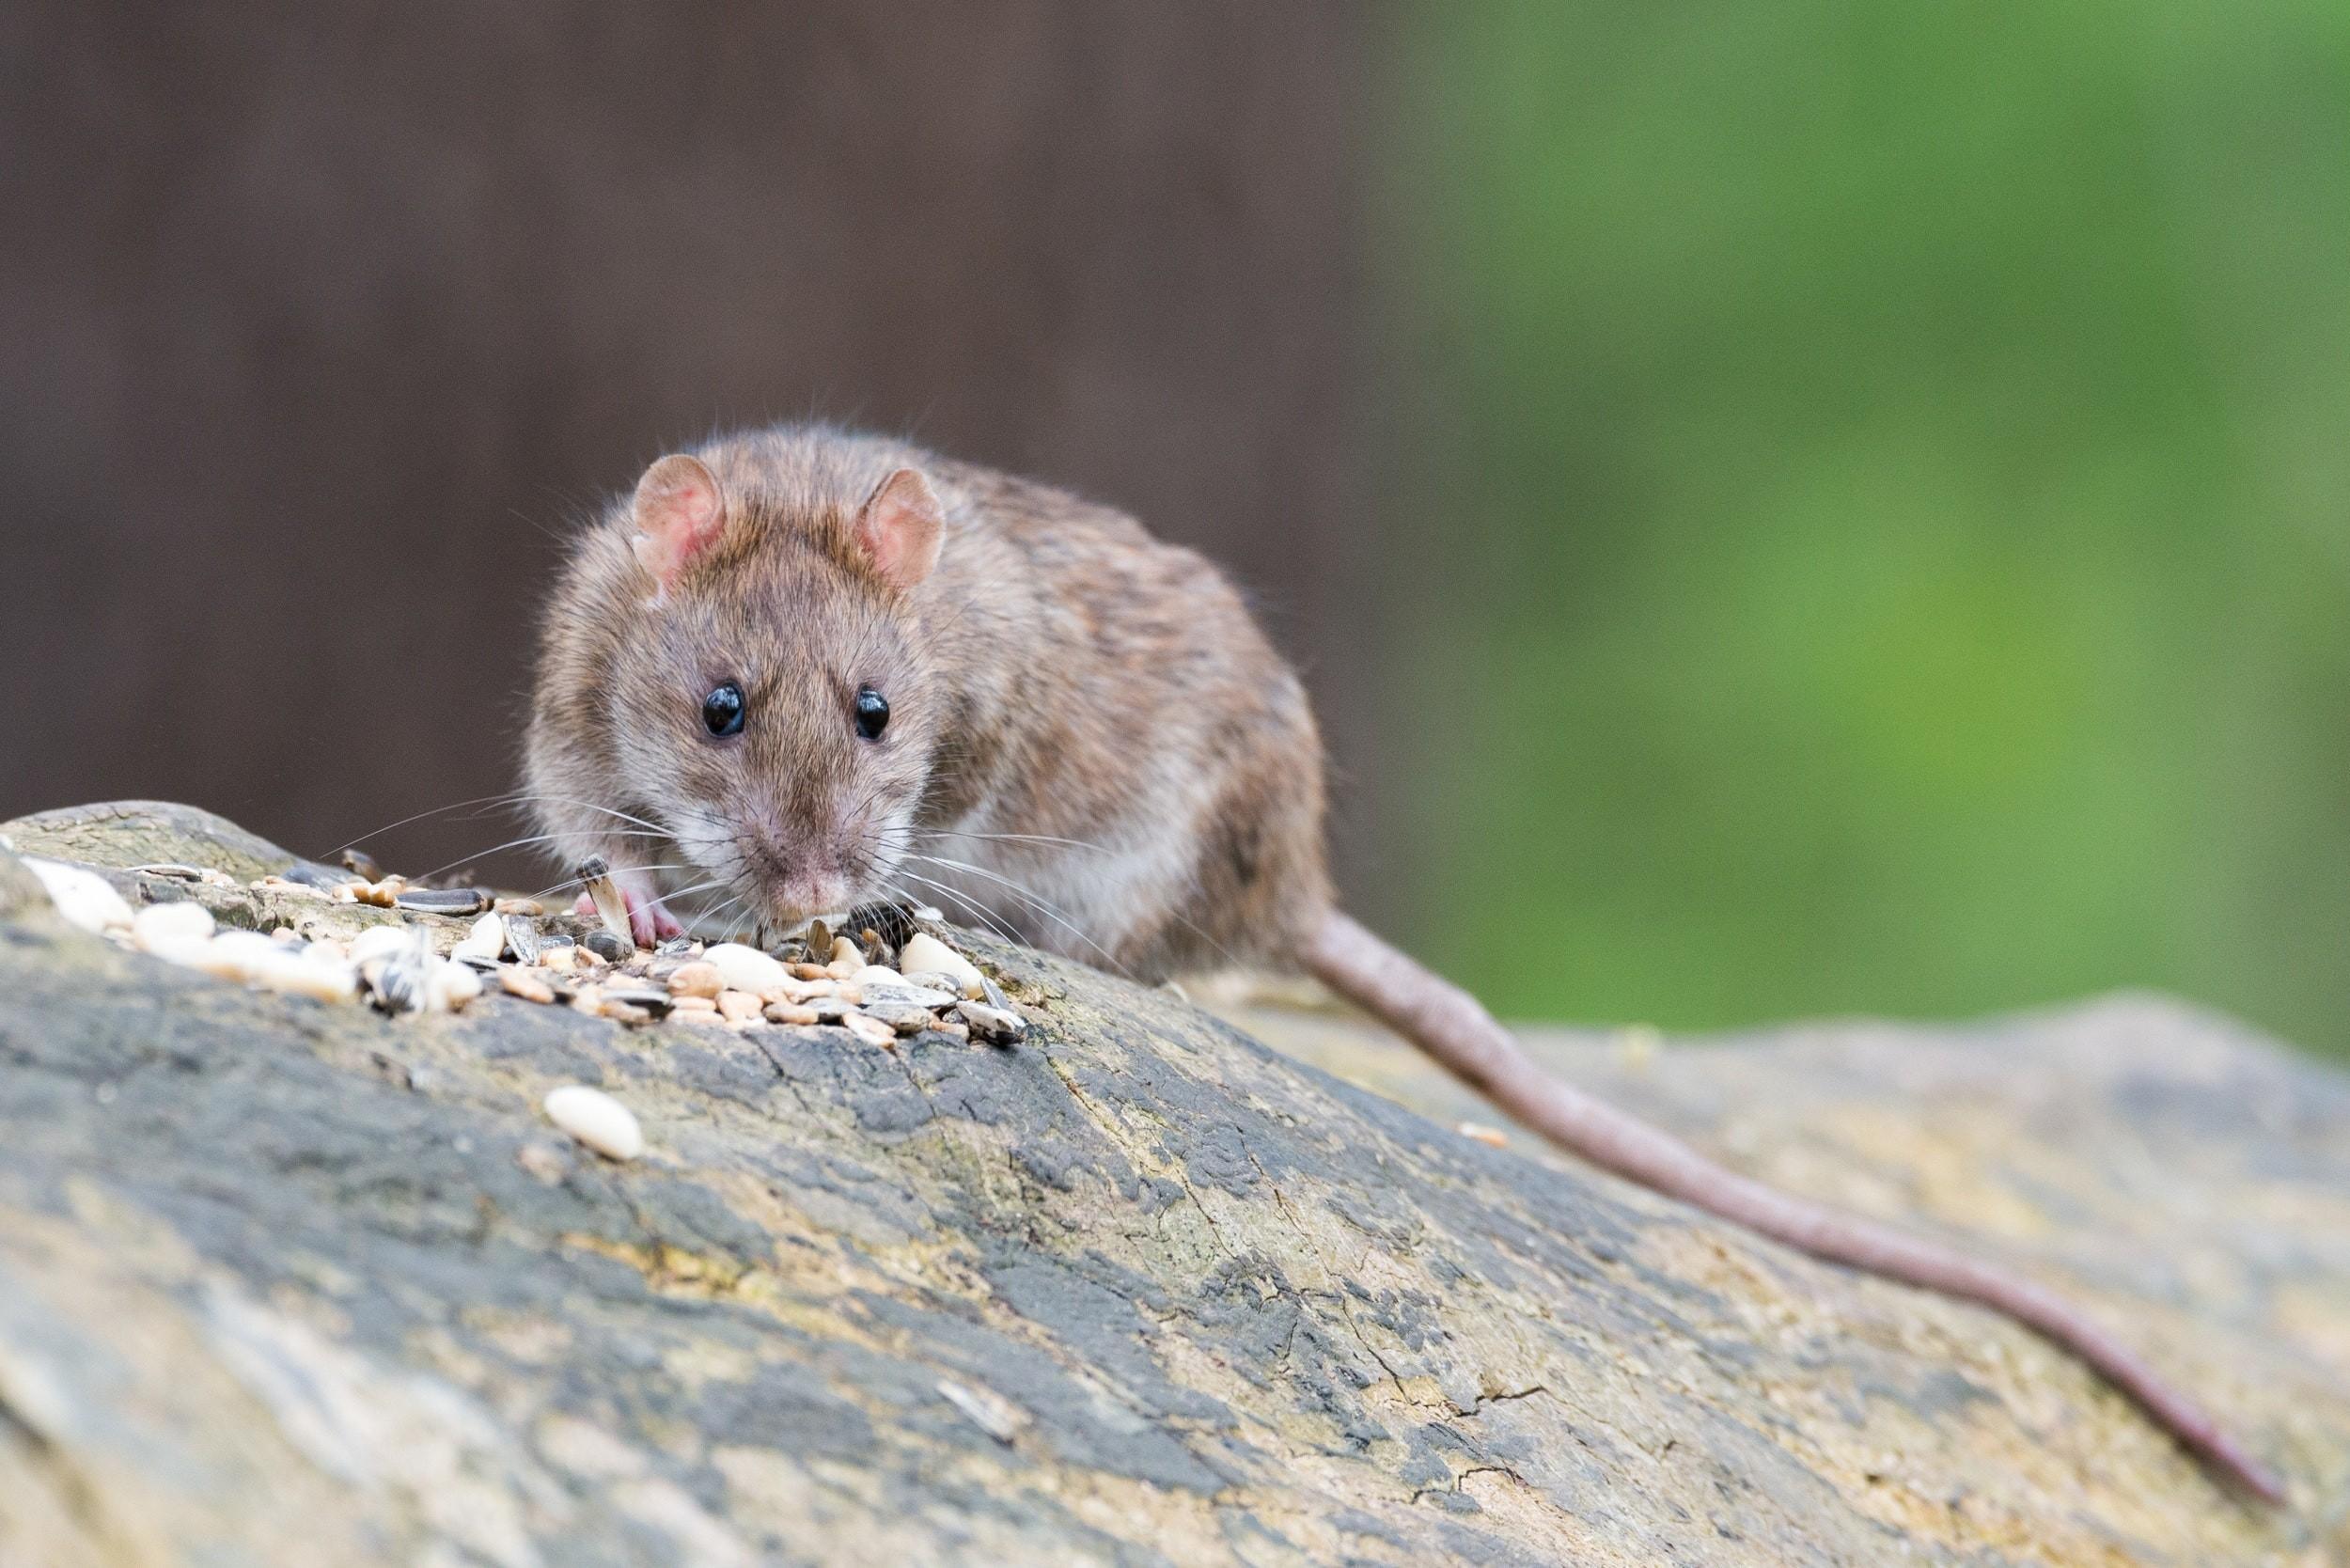 Especialistas ainda não sabem como os ratos transmitem Hepatite E para humanos (Foto: Pexels/Creative Commons)